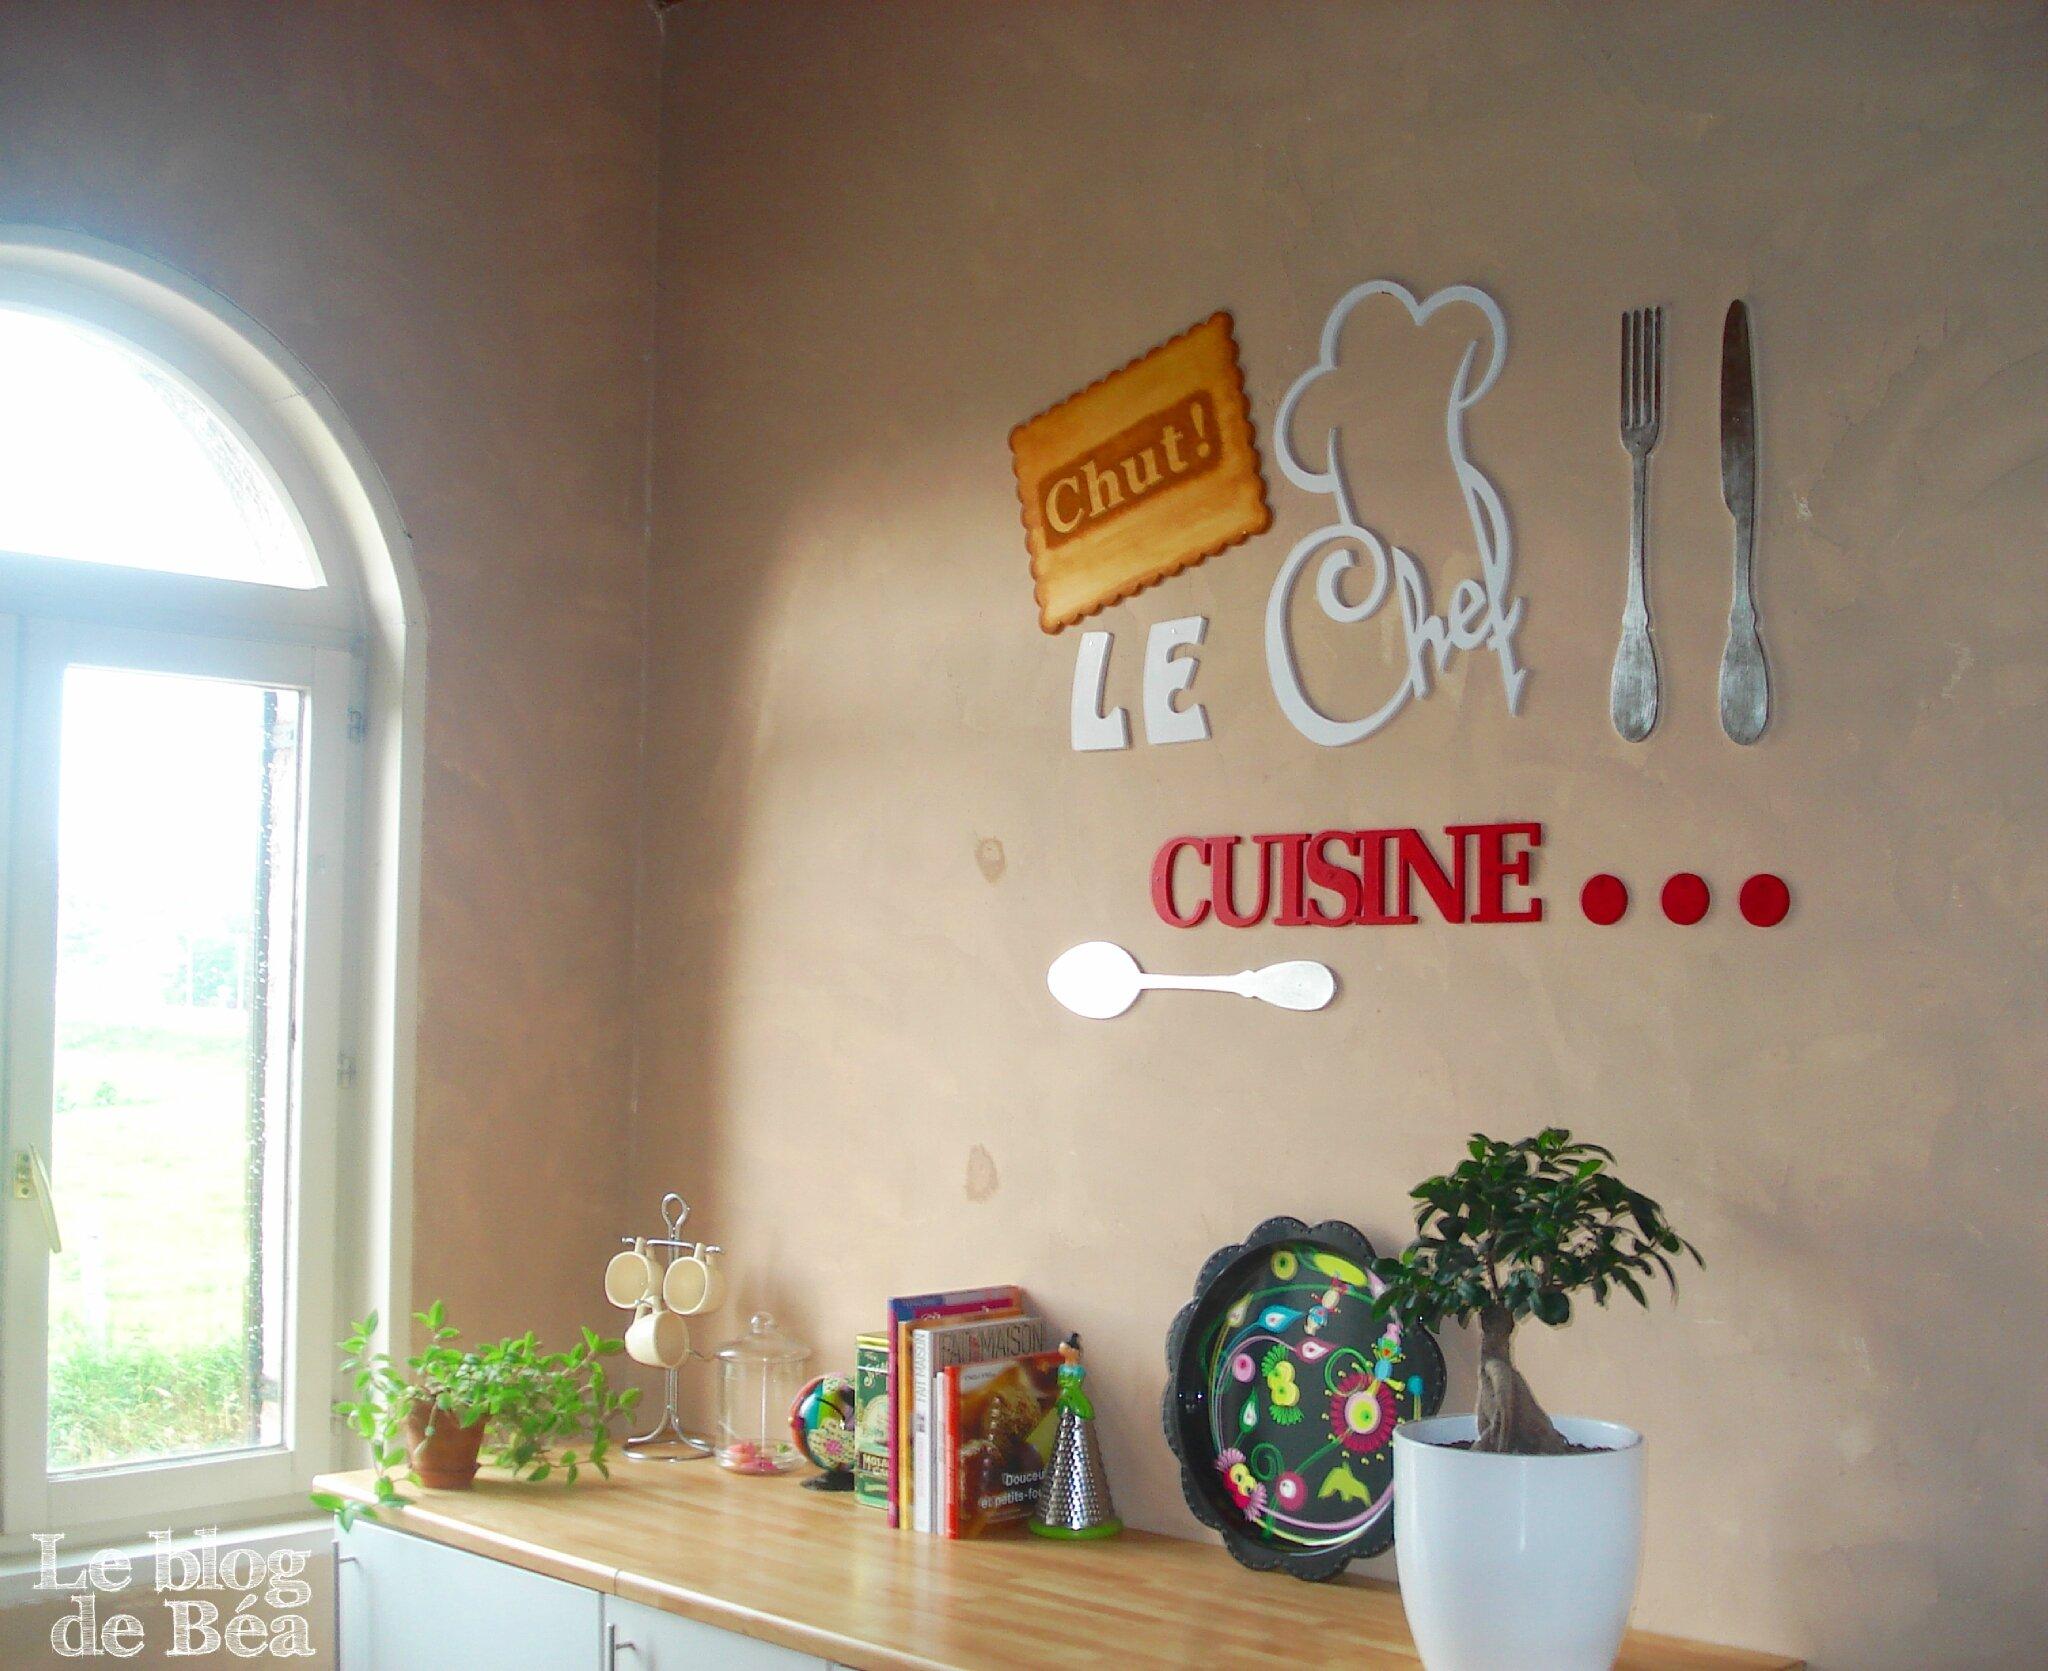 Chut Le Chef Cuisine Le Blog De Bea